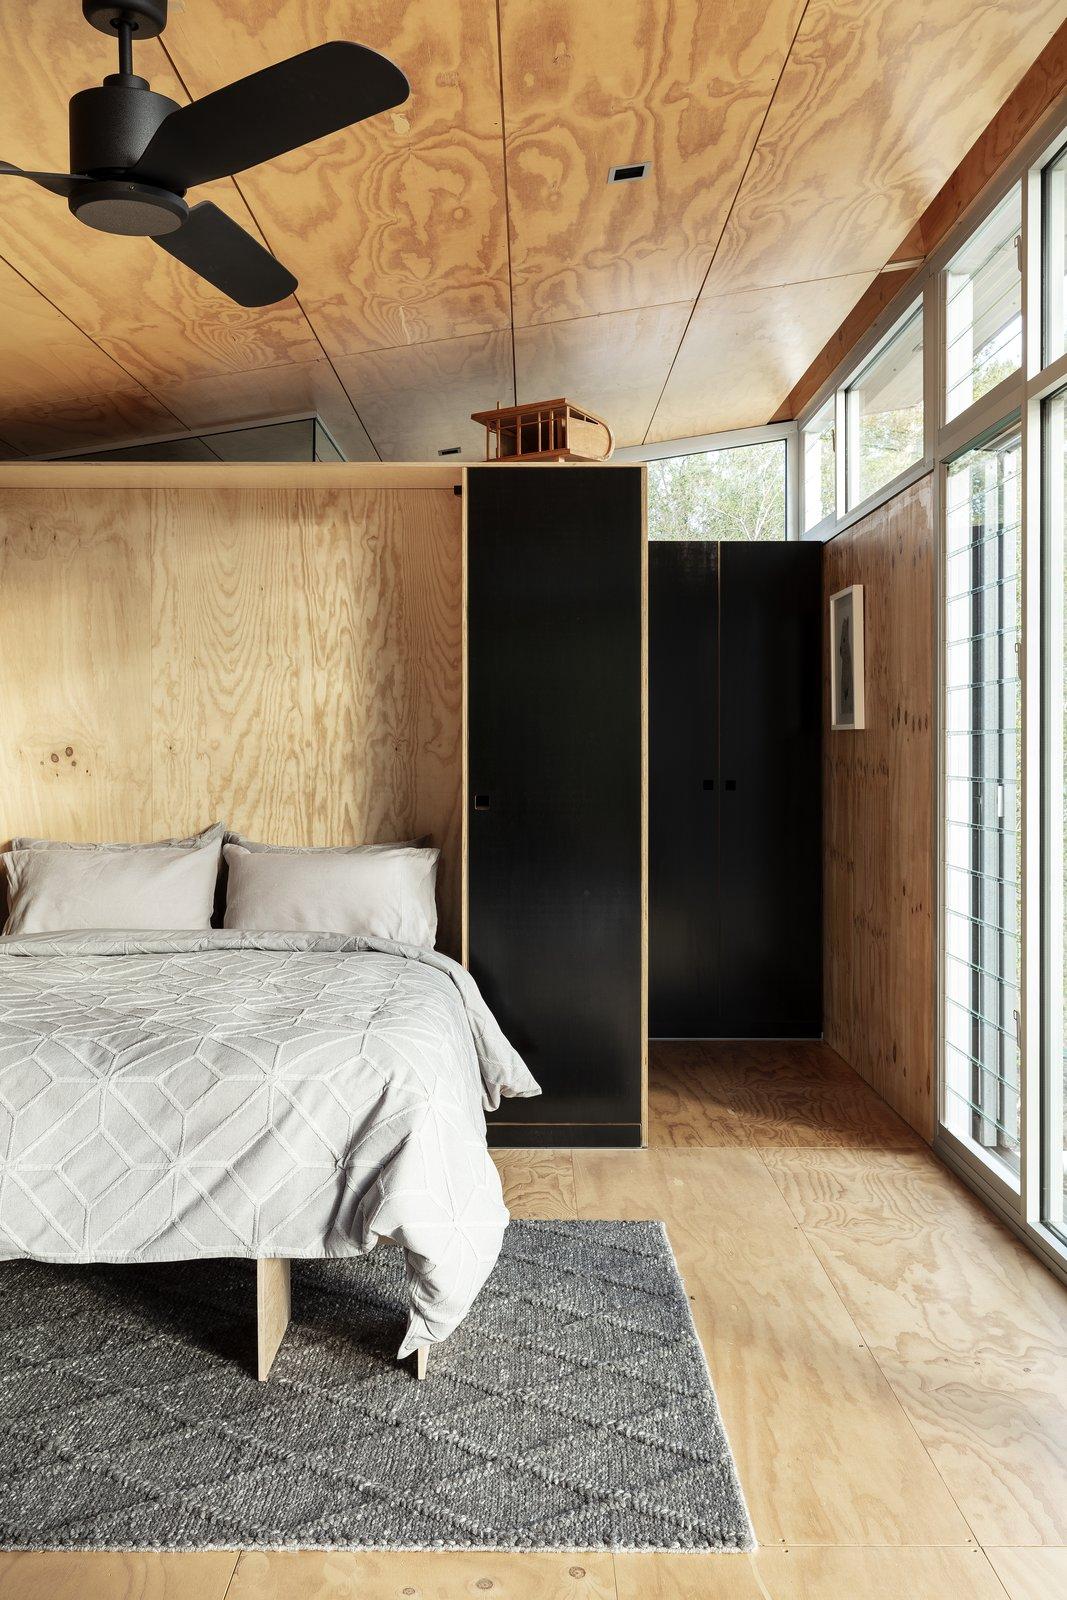 Fabshack prefab cabin Murphy bed